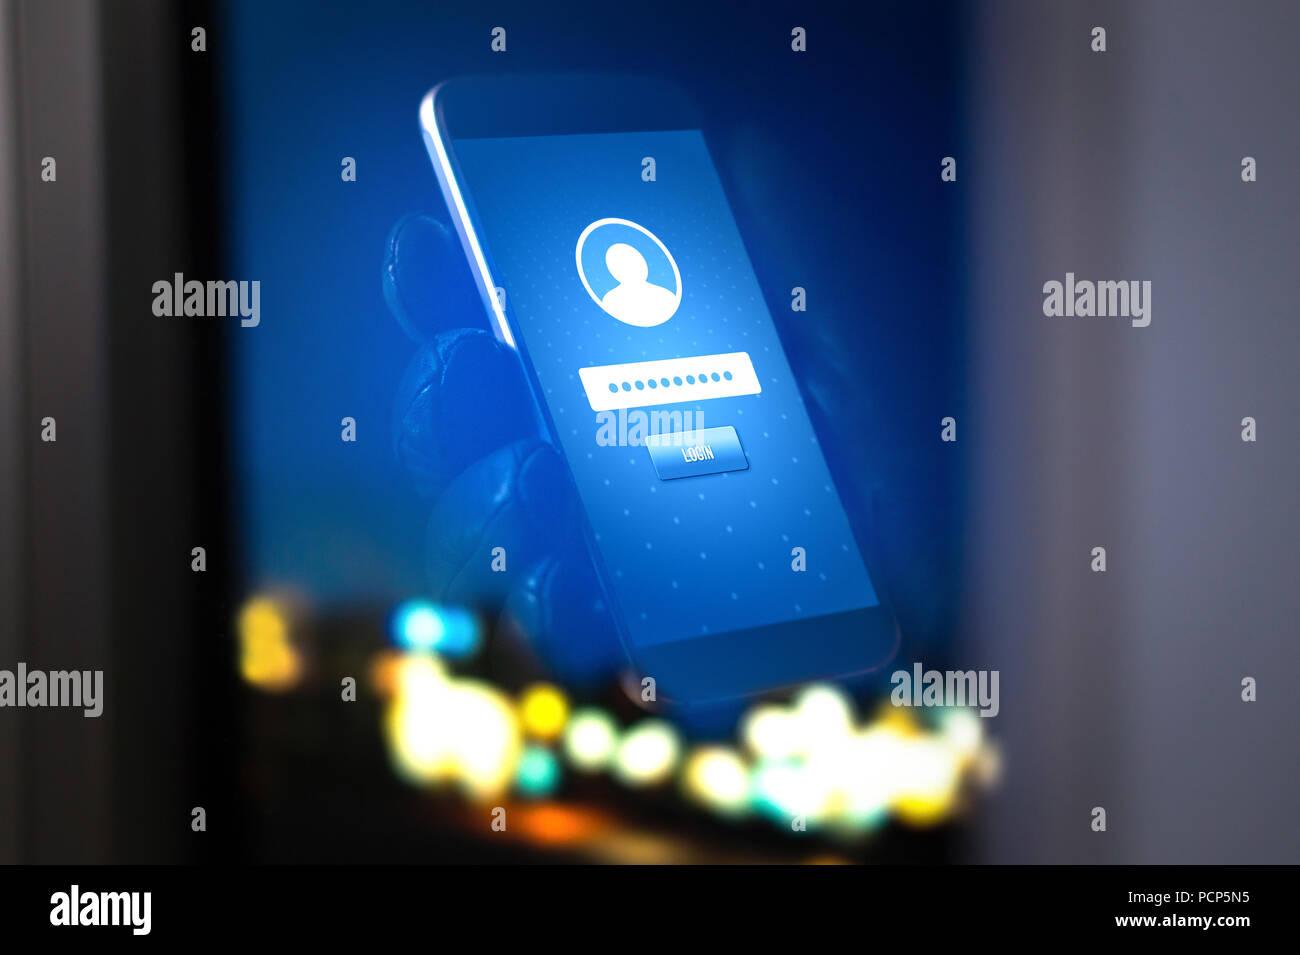 Identitätsdiebstahl und Cyber Security. Mobile Hacker und kriminelle Login für Personen persönliche online Konto, Informationen und Daten, die mit dem Smartphone. Stockbild